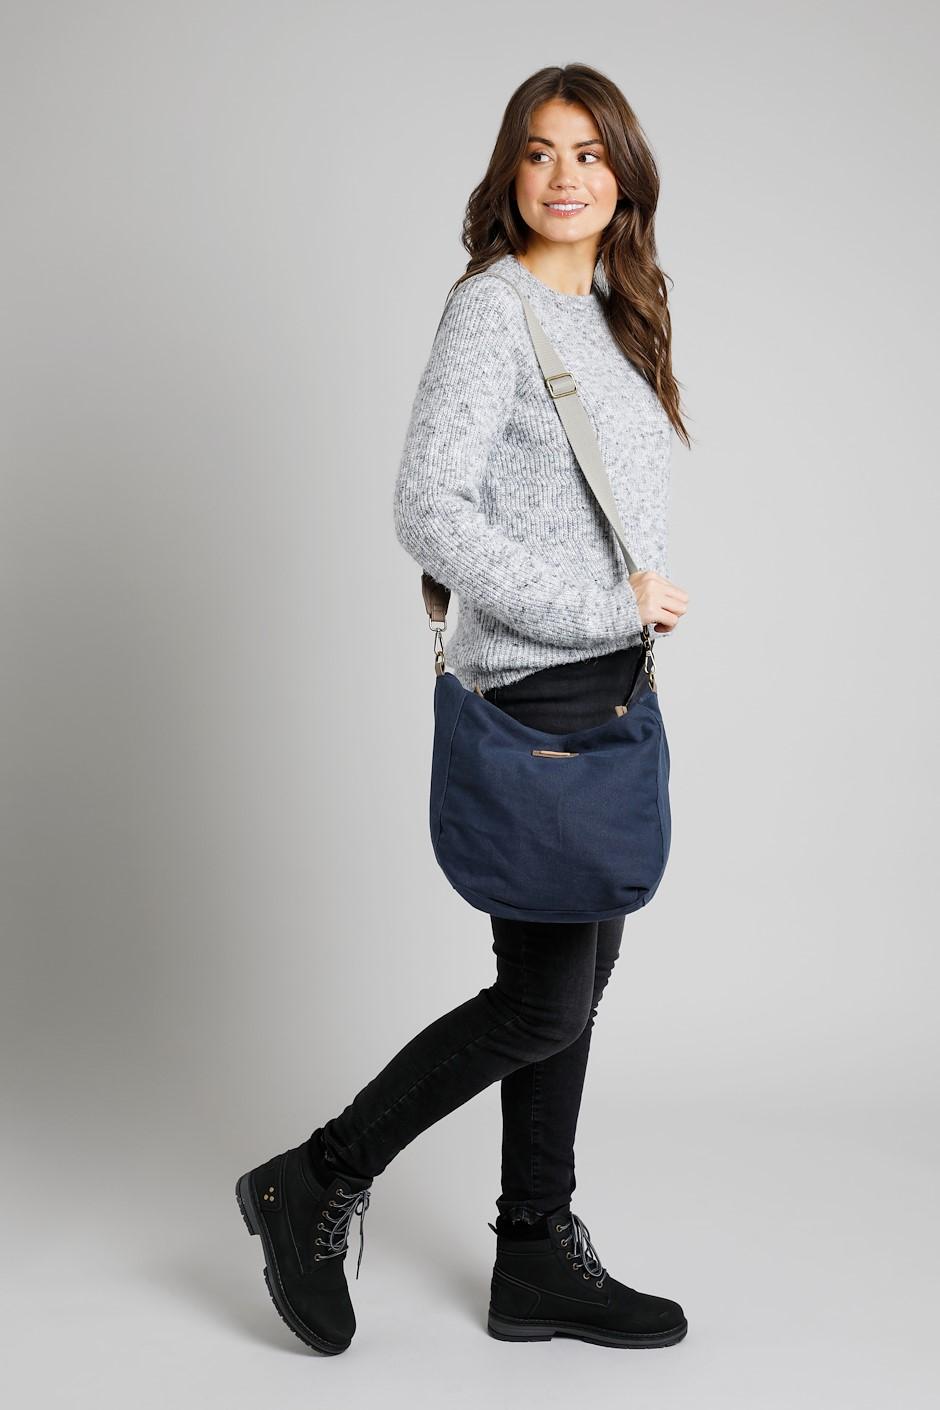 Burford Canvas Shoulder Bag Navy